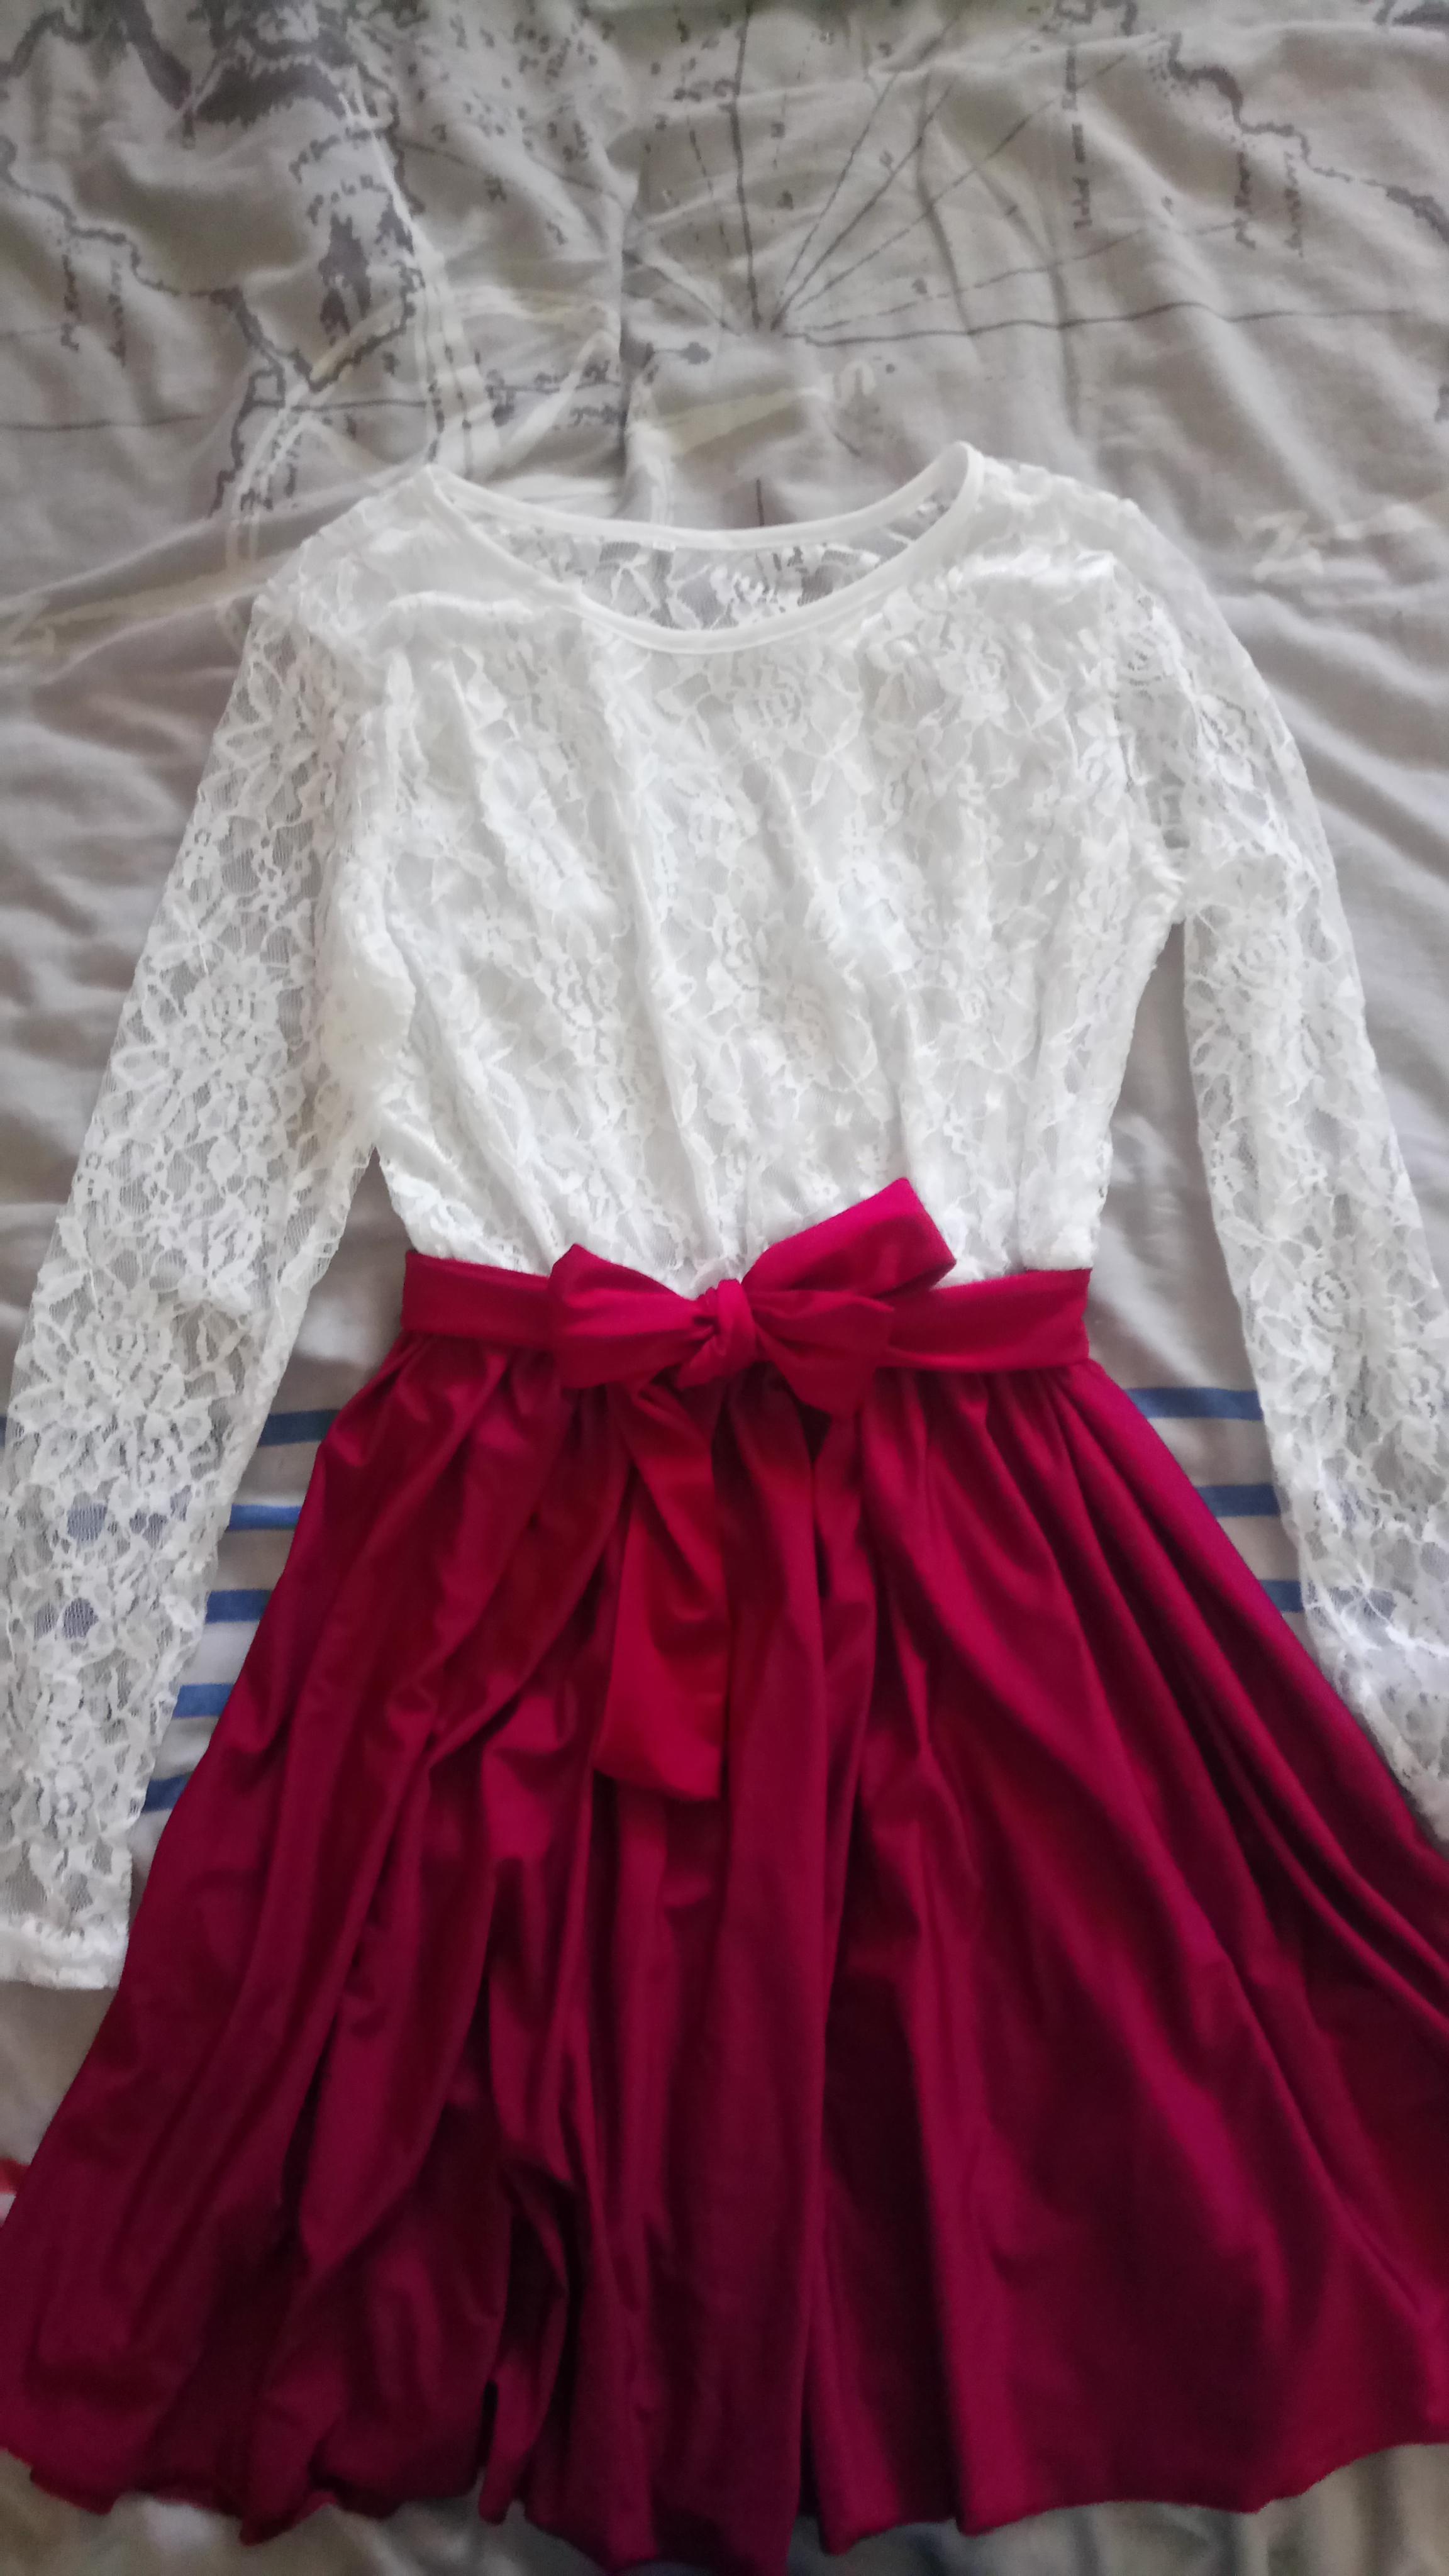 troc de troc robe neuve blanche rouge t38 image 1